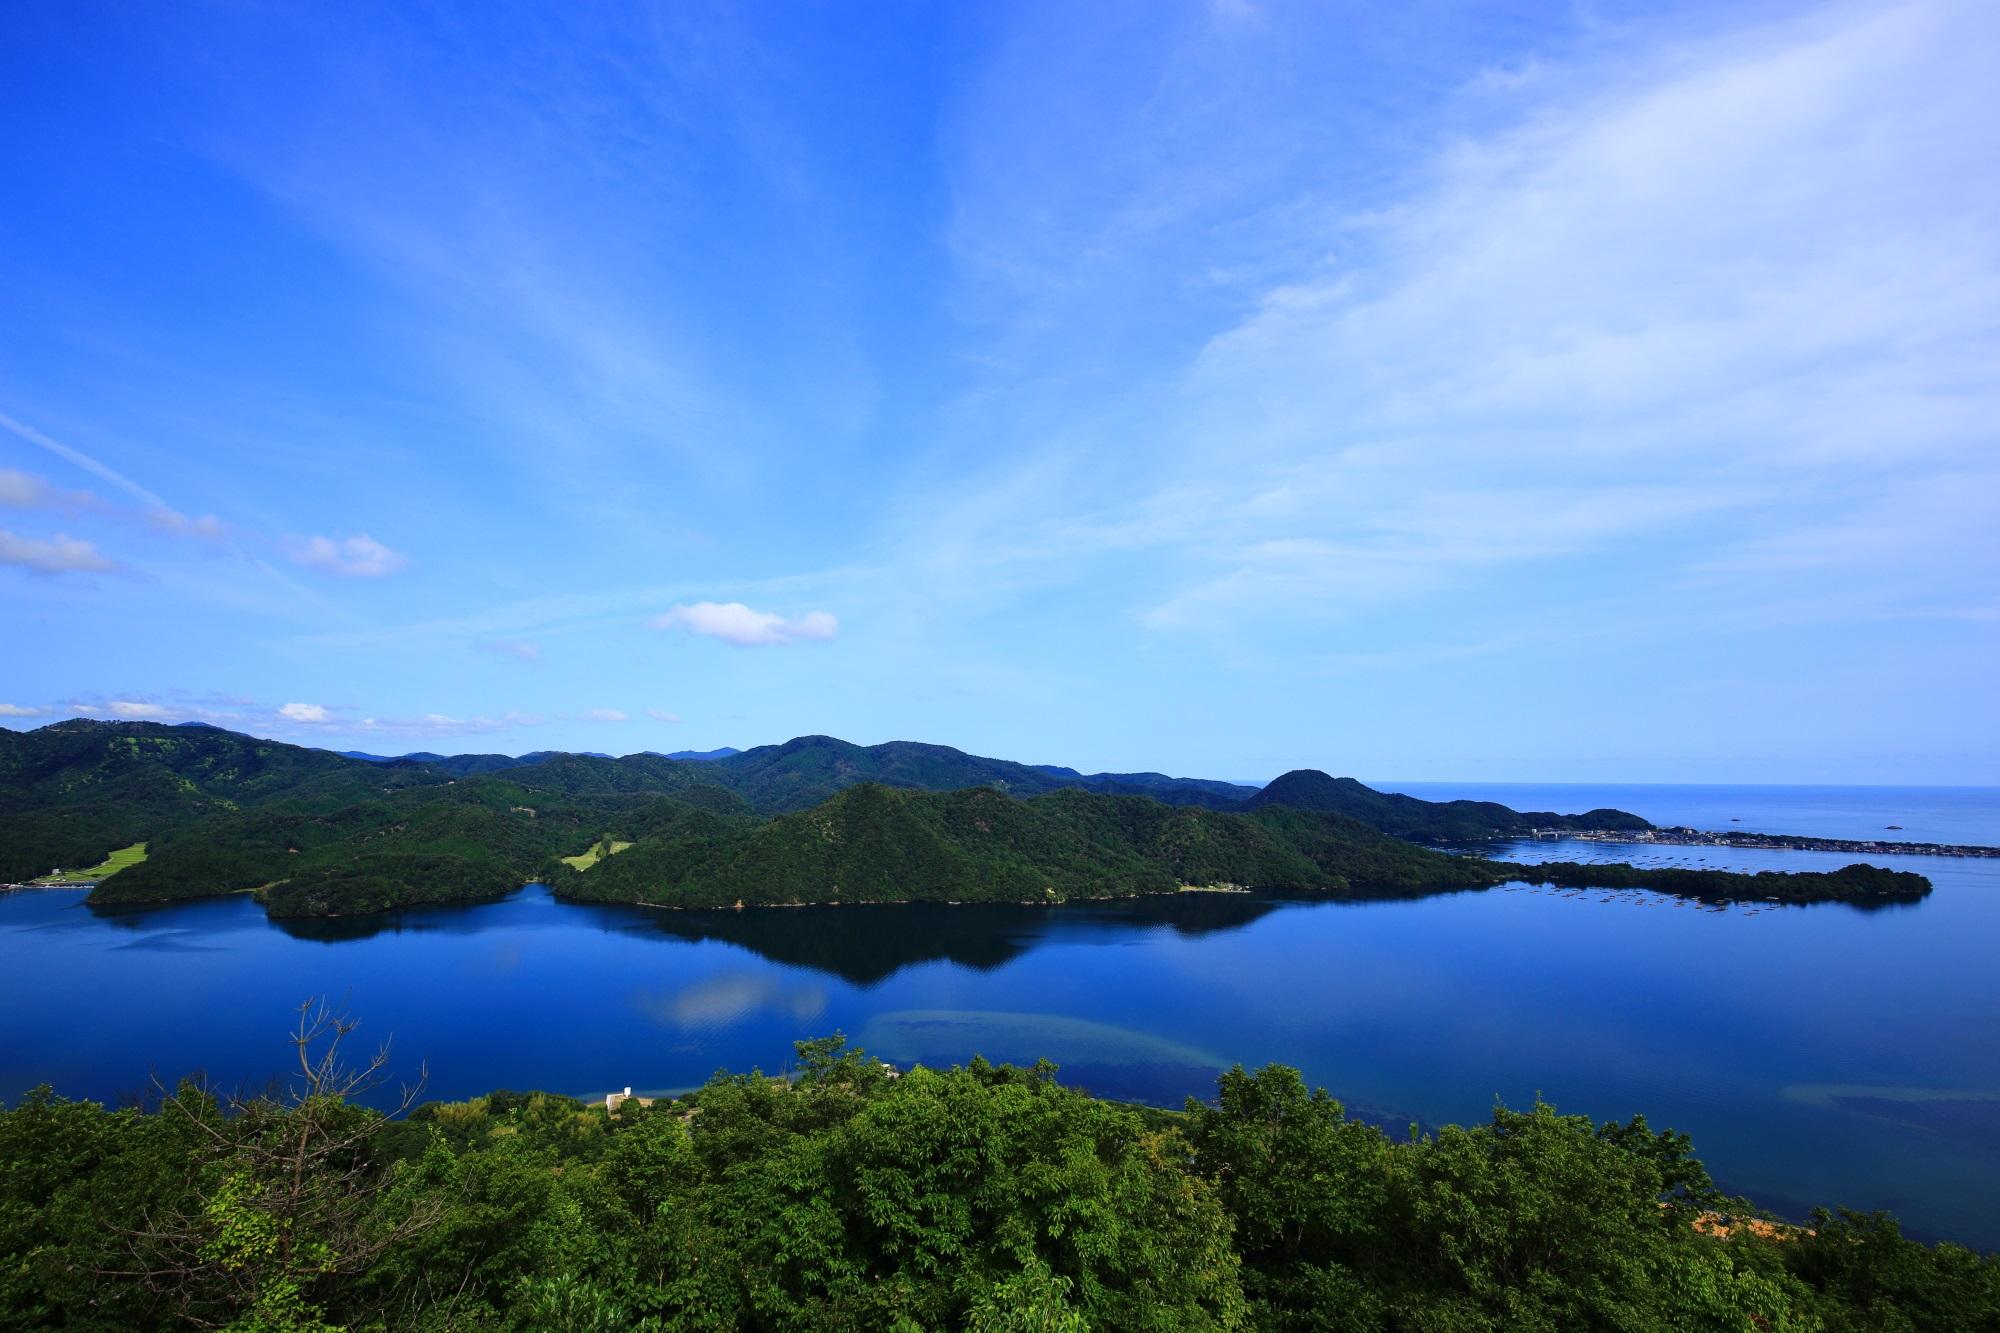 広がる見事な青色をした日本海と久美浜湾